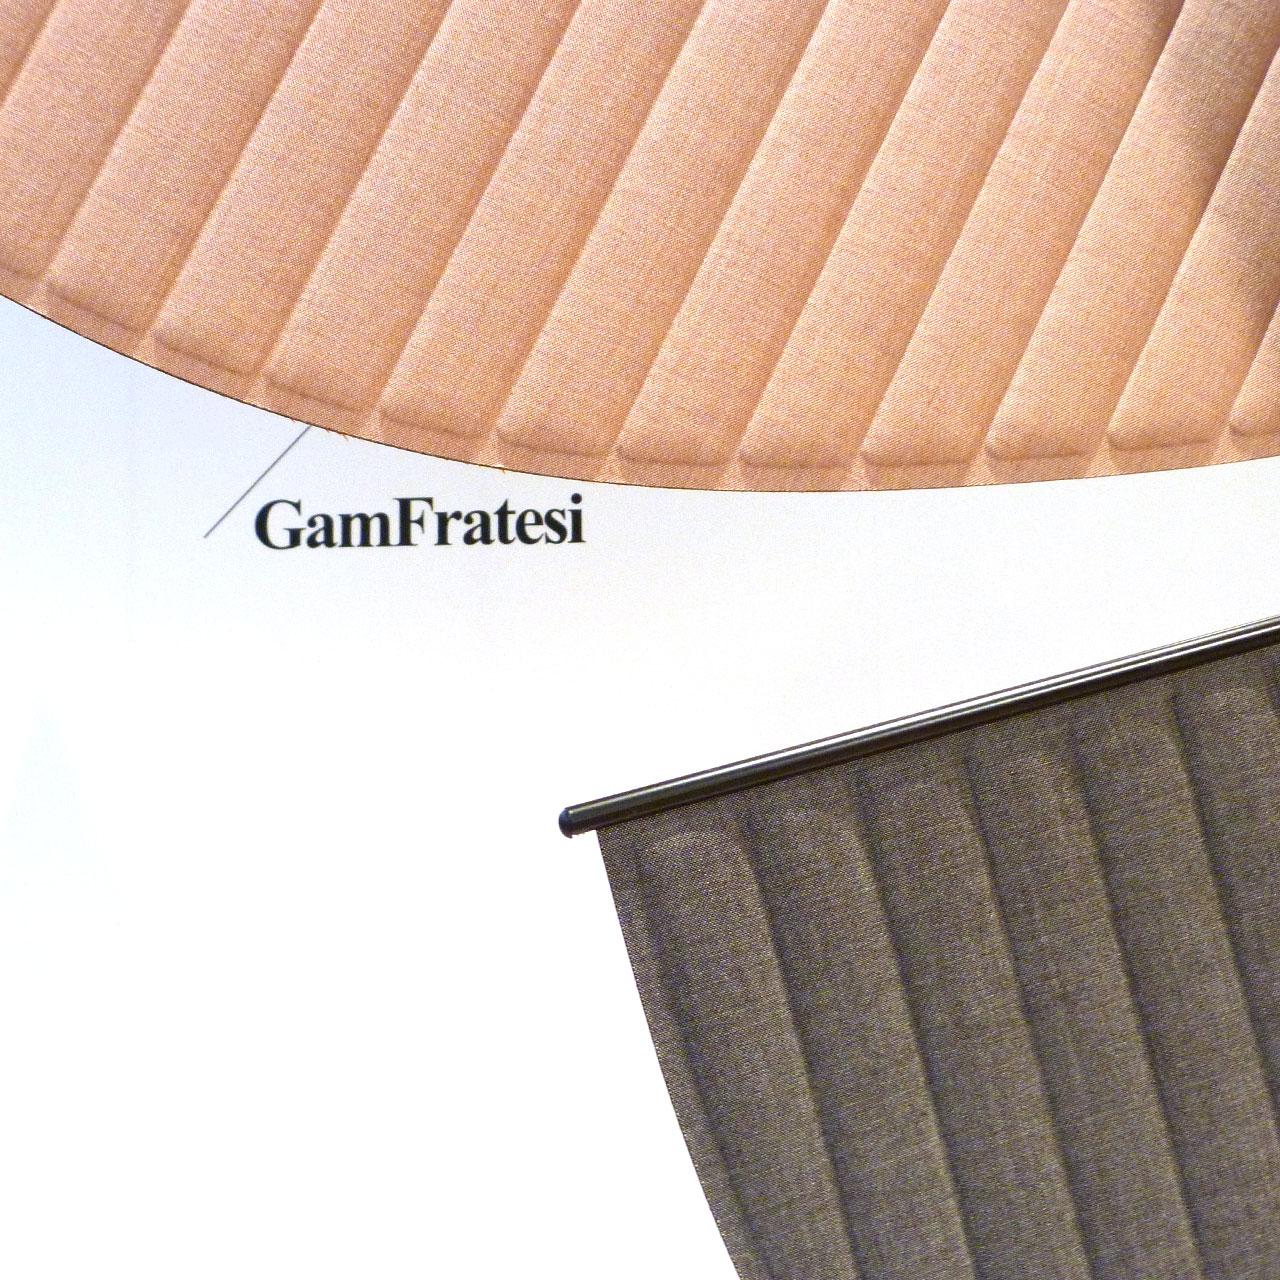 GamFratesi